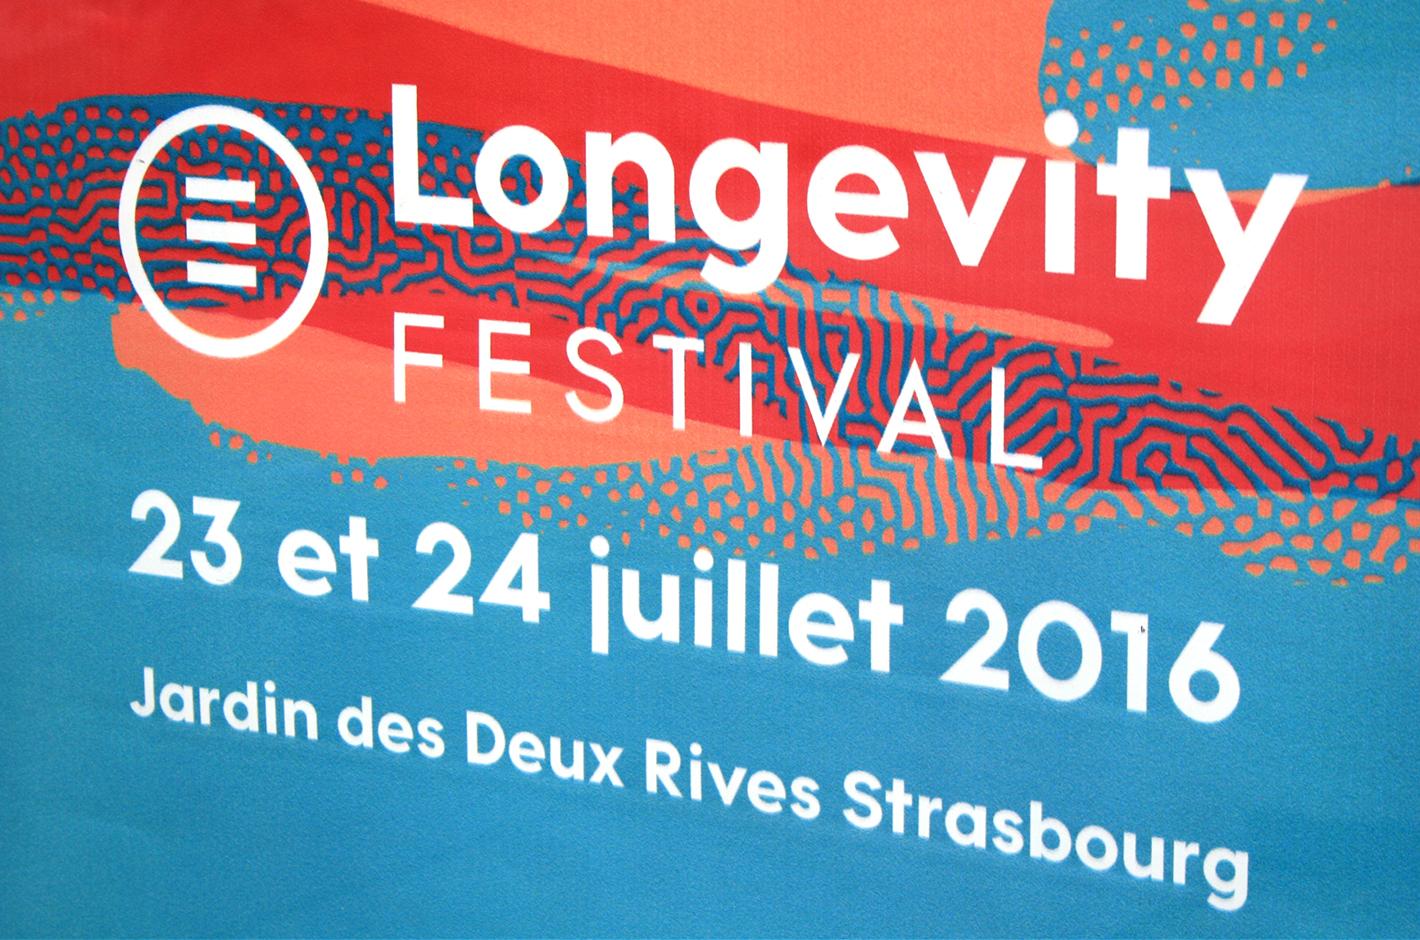 Longevity 2016 — Festival — Jardin des Deux rives — affiche